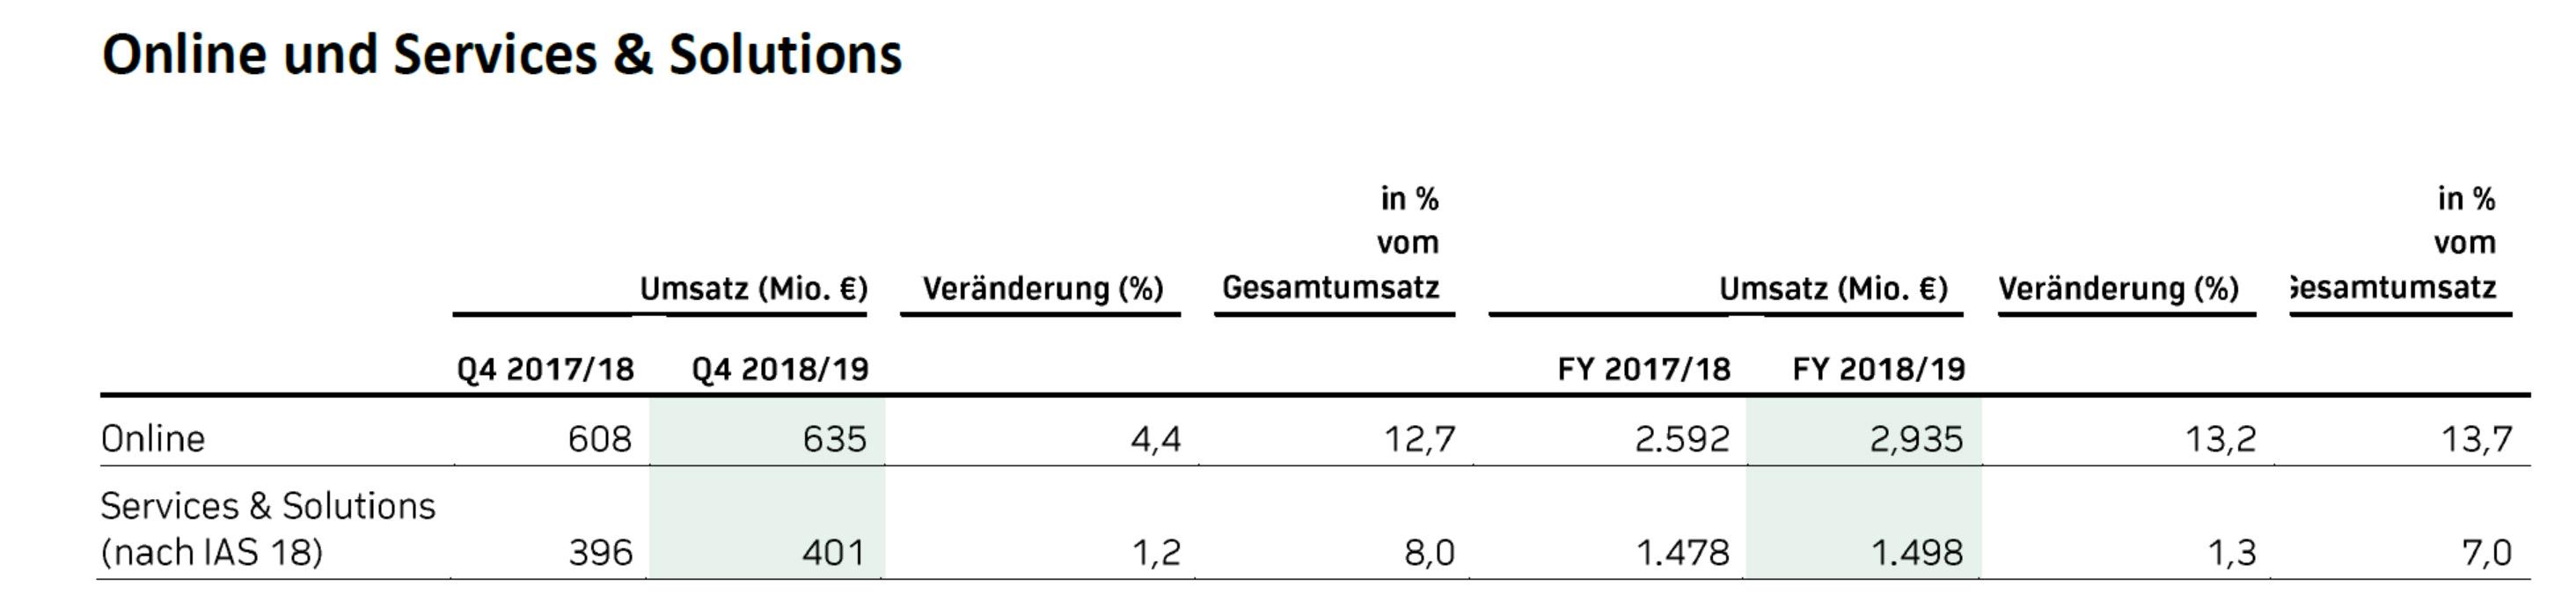 Ceconomy Umsatz 2018/19 Q4 online